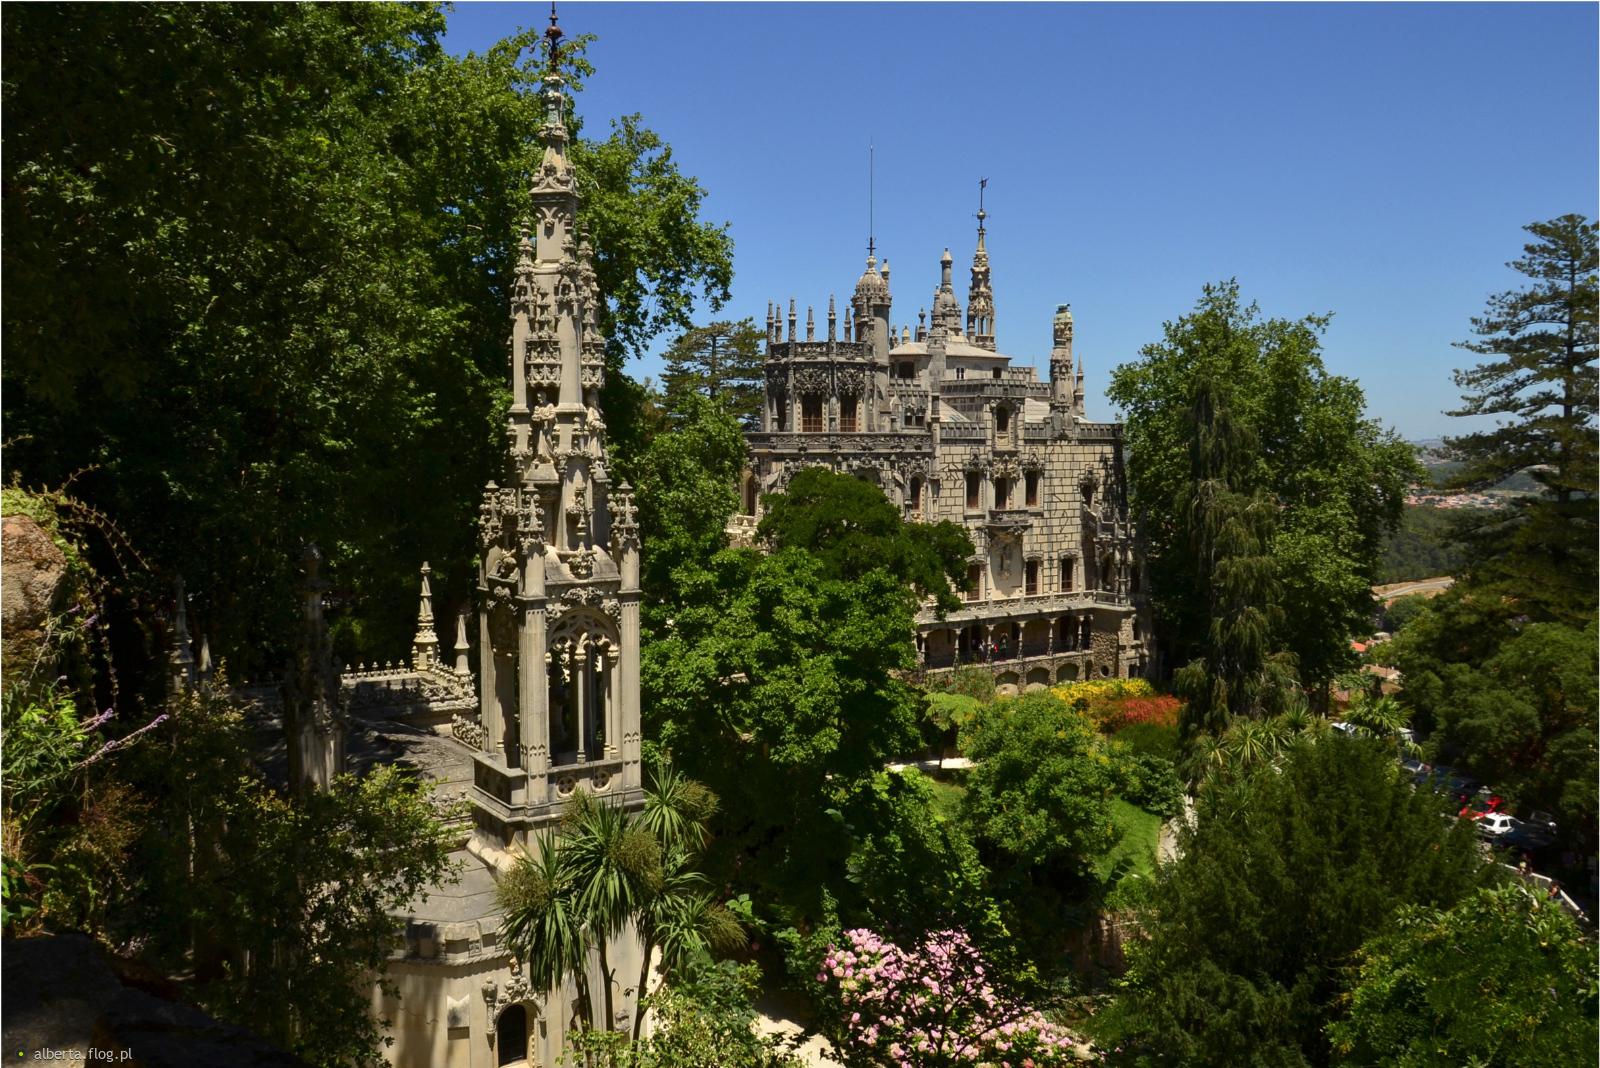 Mityczny mistycyzm – Quinta da Regaleira, Sintra w podziękowaniu za sympatyczną dedykację! Pozdrawiam :)